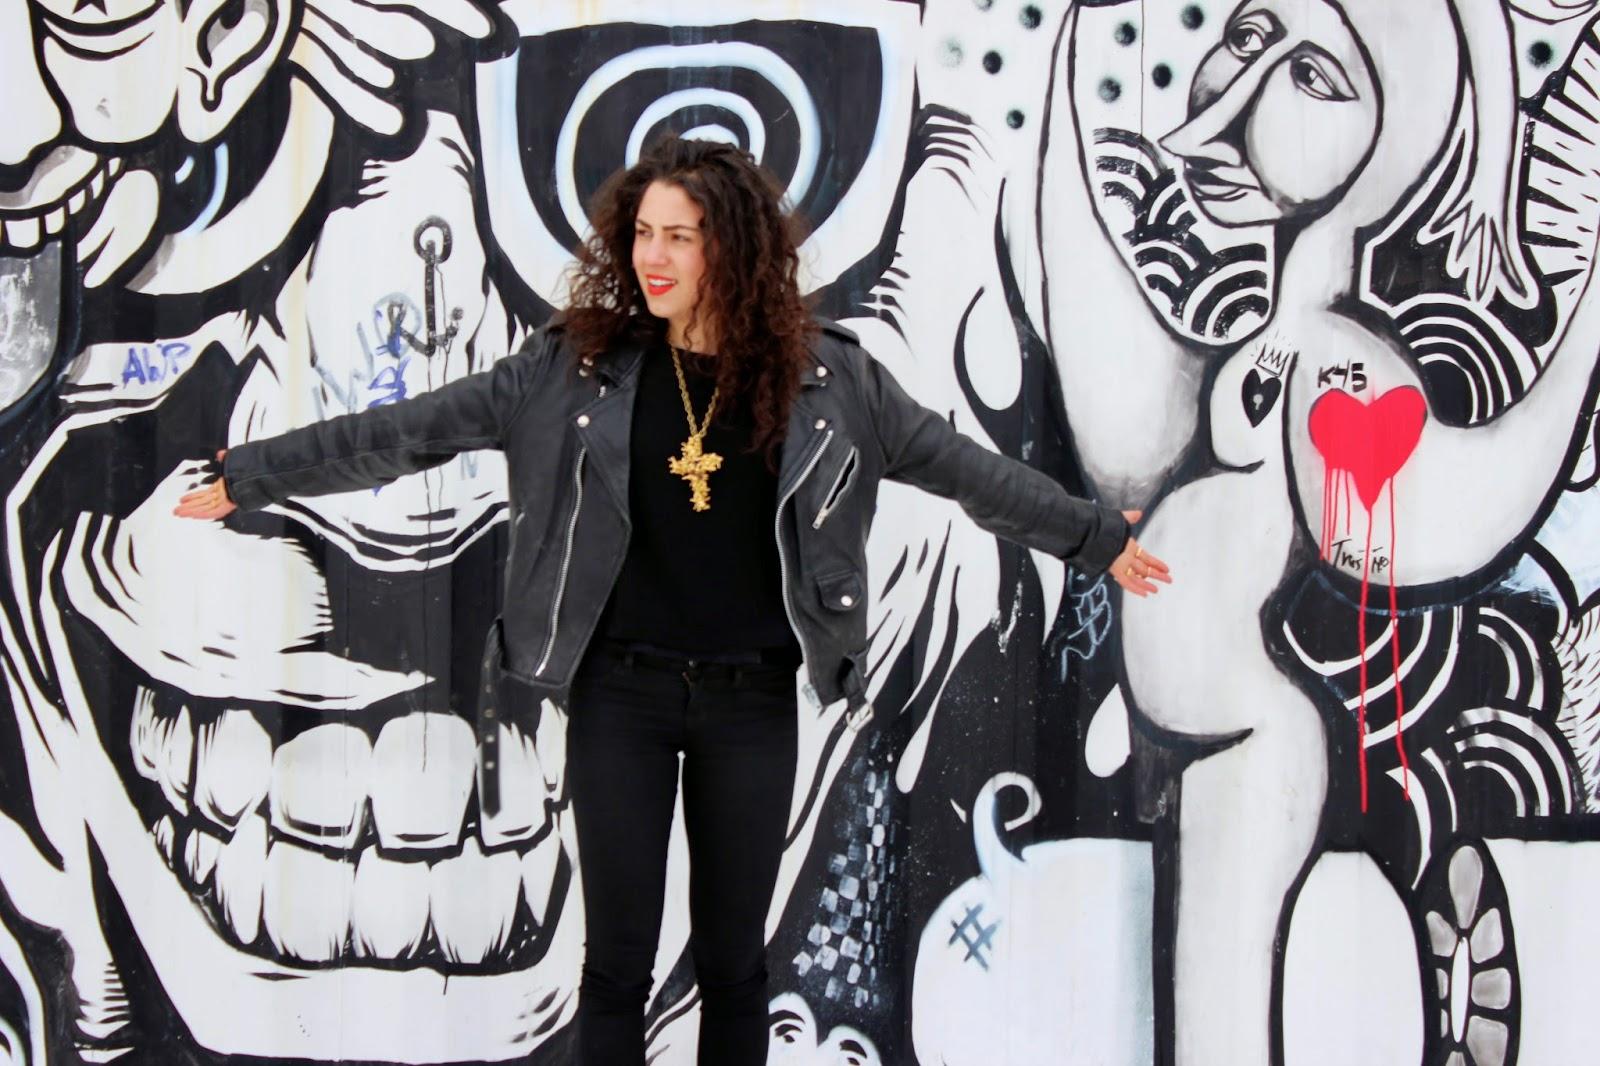 montreal st laurent street art mural festival gisele ganne jewellery crusader